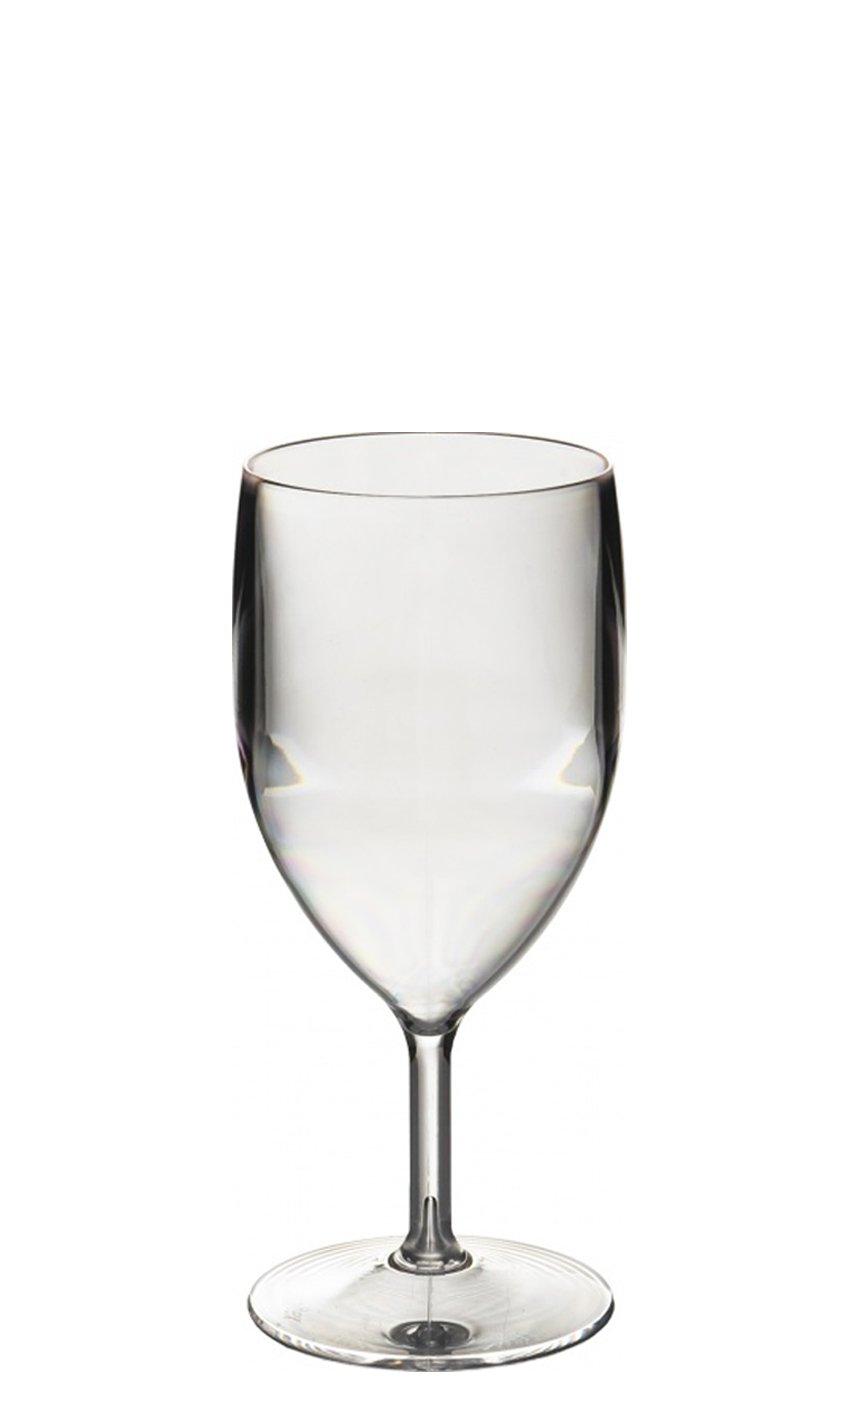 bicchieri da vino grandi in policarbonato Set da 6 Bicchieri riutilizzabili 315 ml altezza del bordo 16,1 cm diametro massimo 7,7 cm Virtually Glass